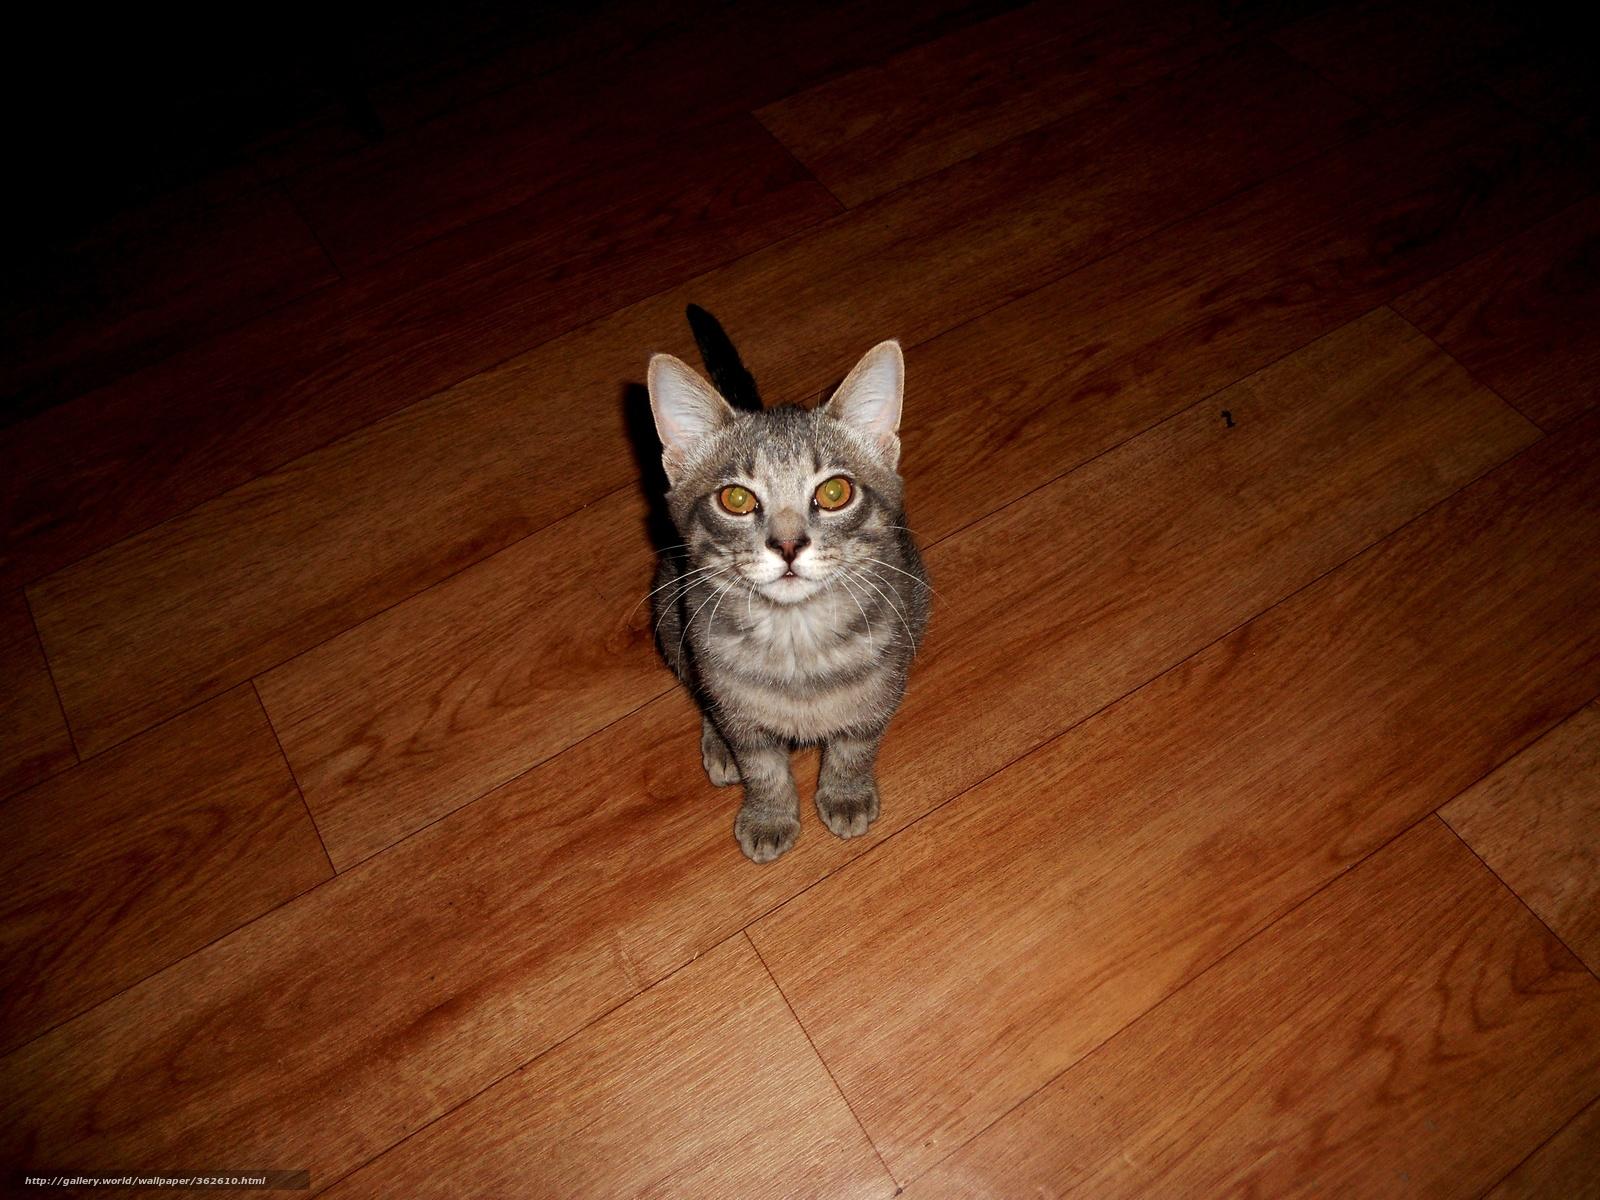 Скачать обои Кот,  обои,  животные,  серый кот бесплатно для рабочего стола в разрешении 4000x3000 — картинка №362610